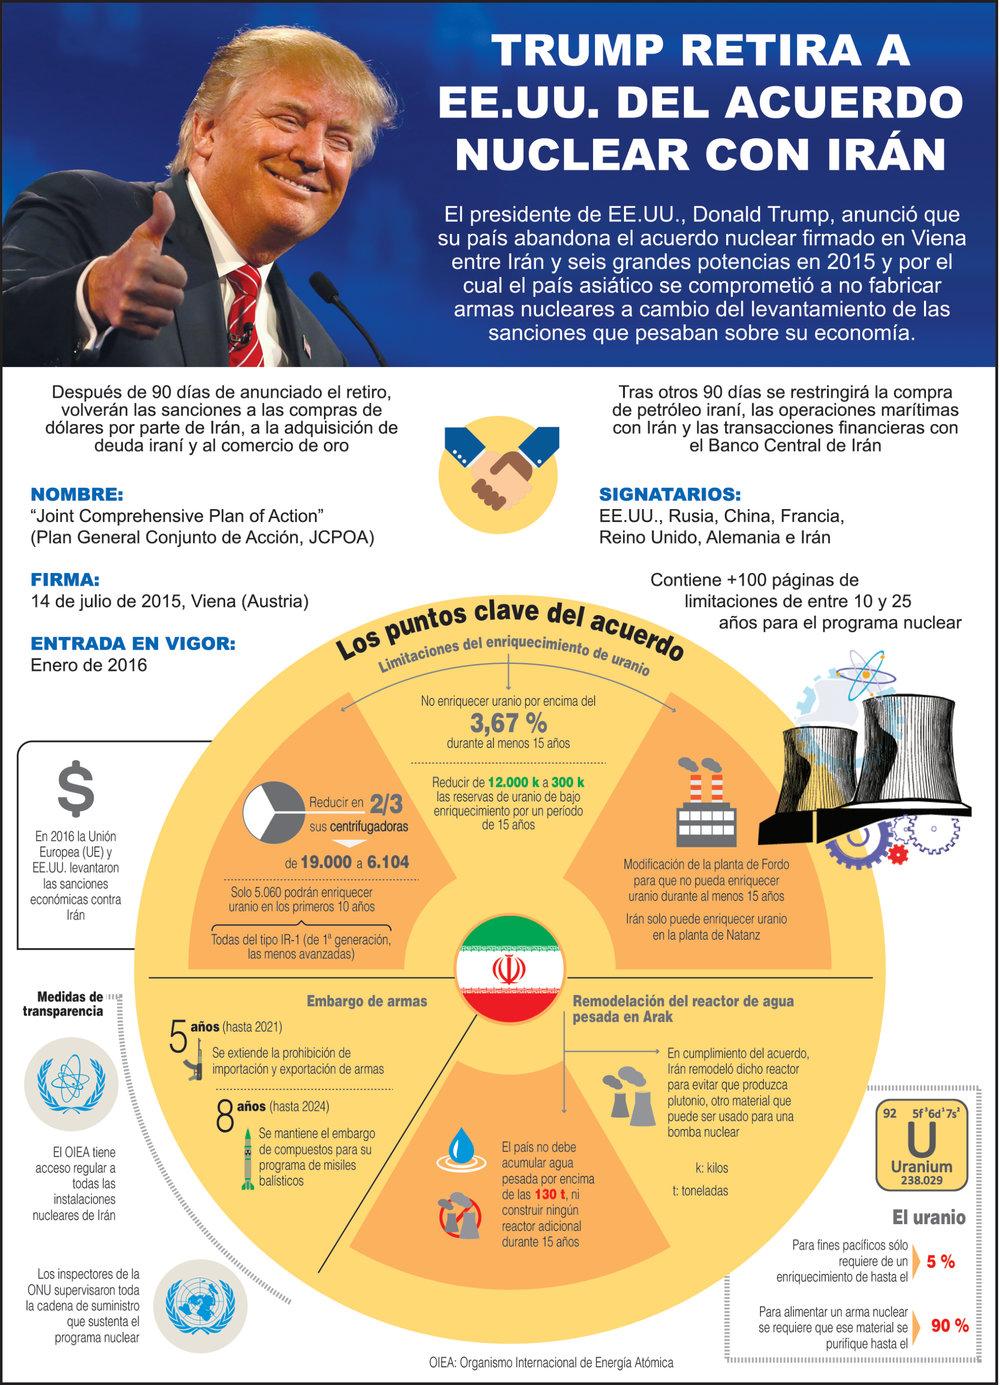 Trump acuerdo nuclear.jpg